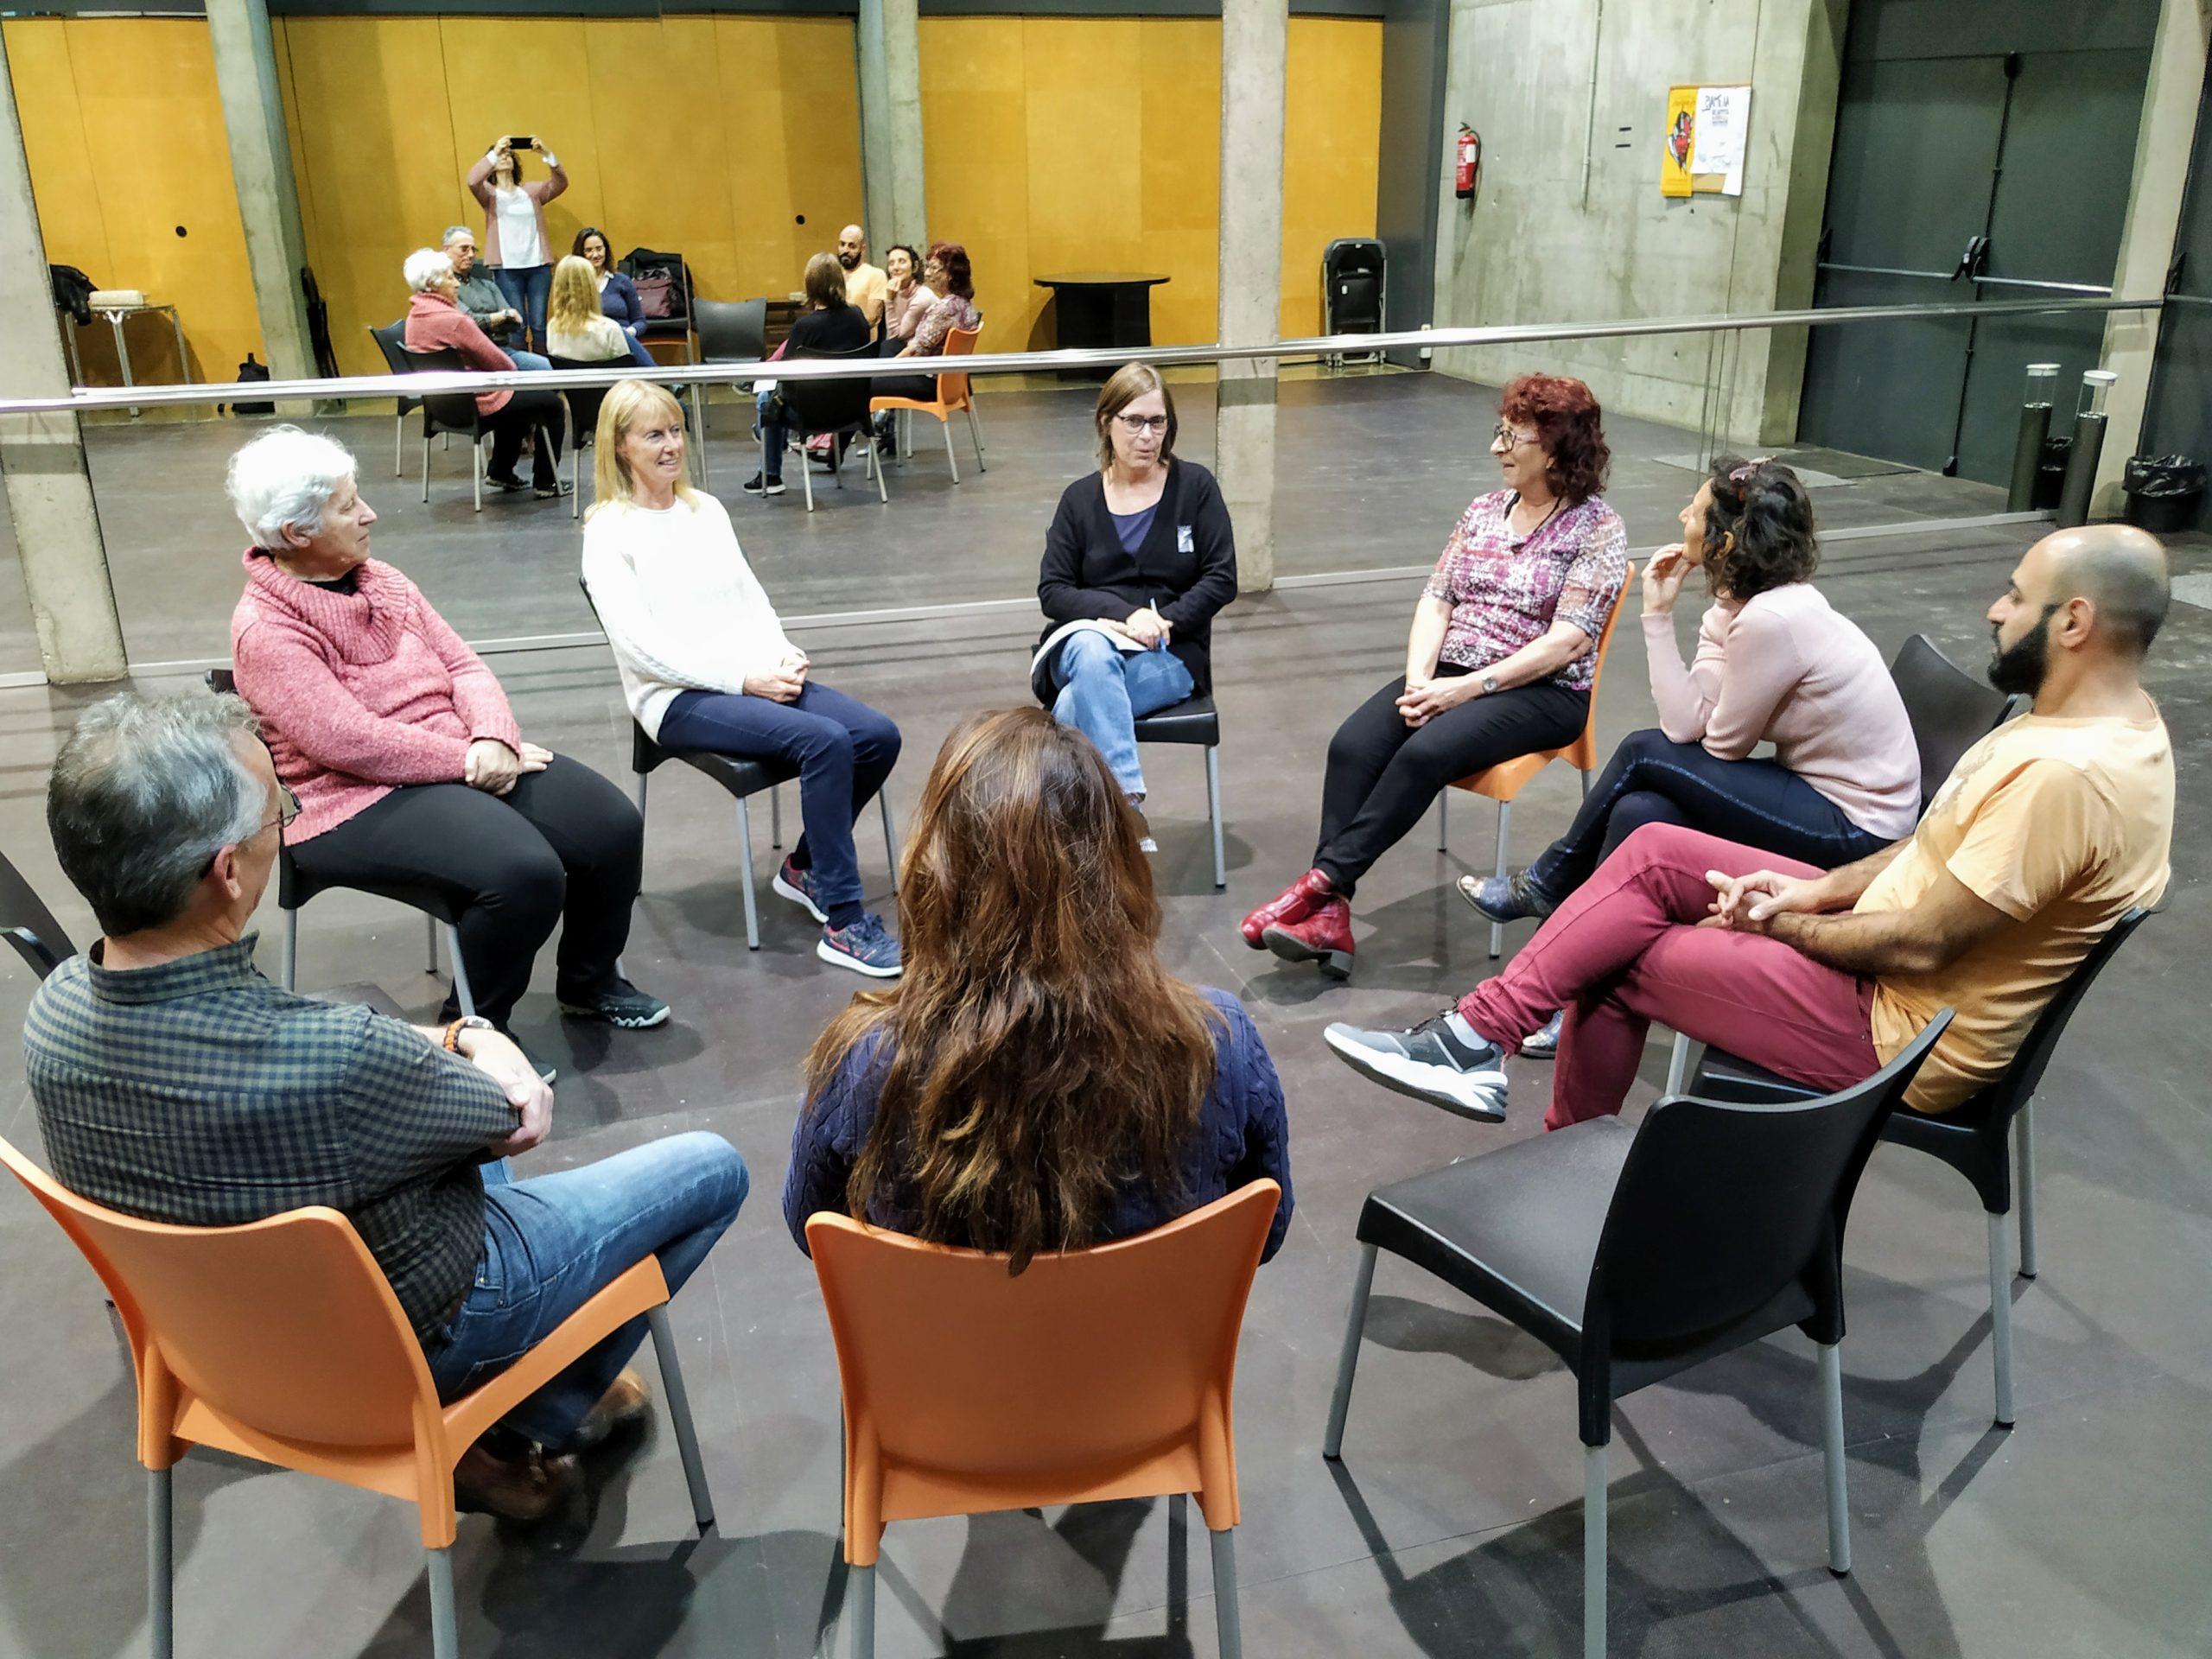 Taller de teatre en català dins el marc del programa Voluntariat per la llengua a Roses